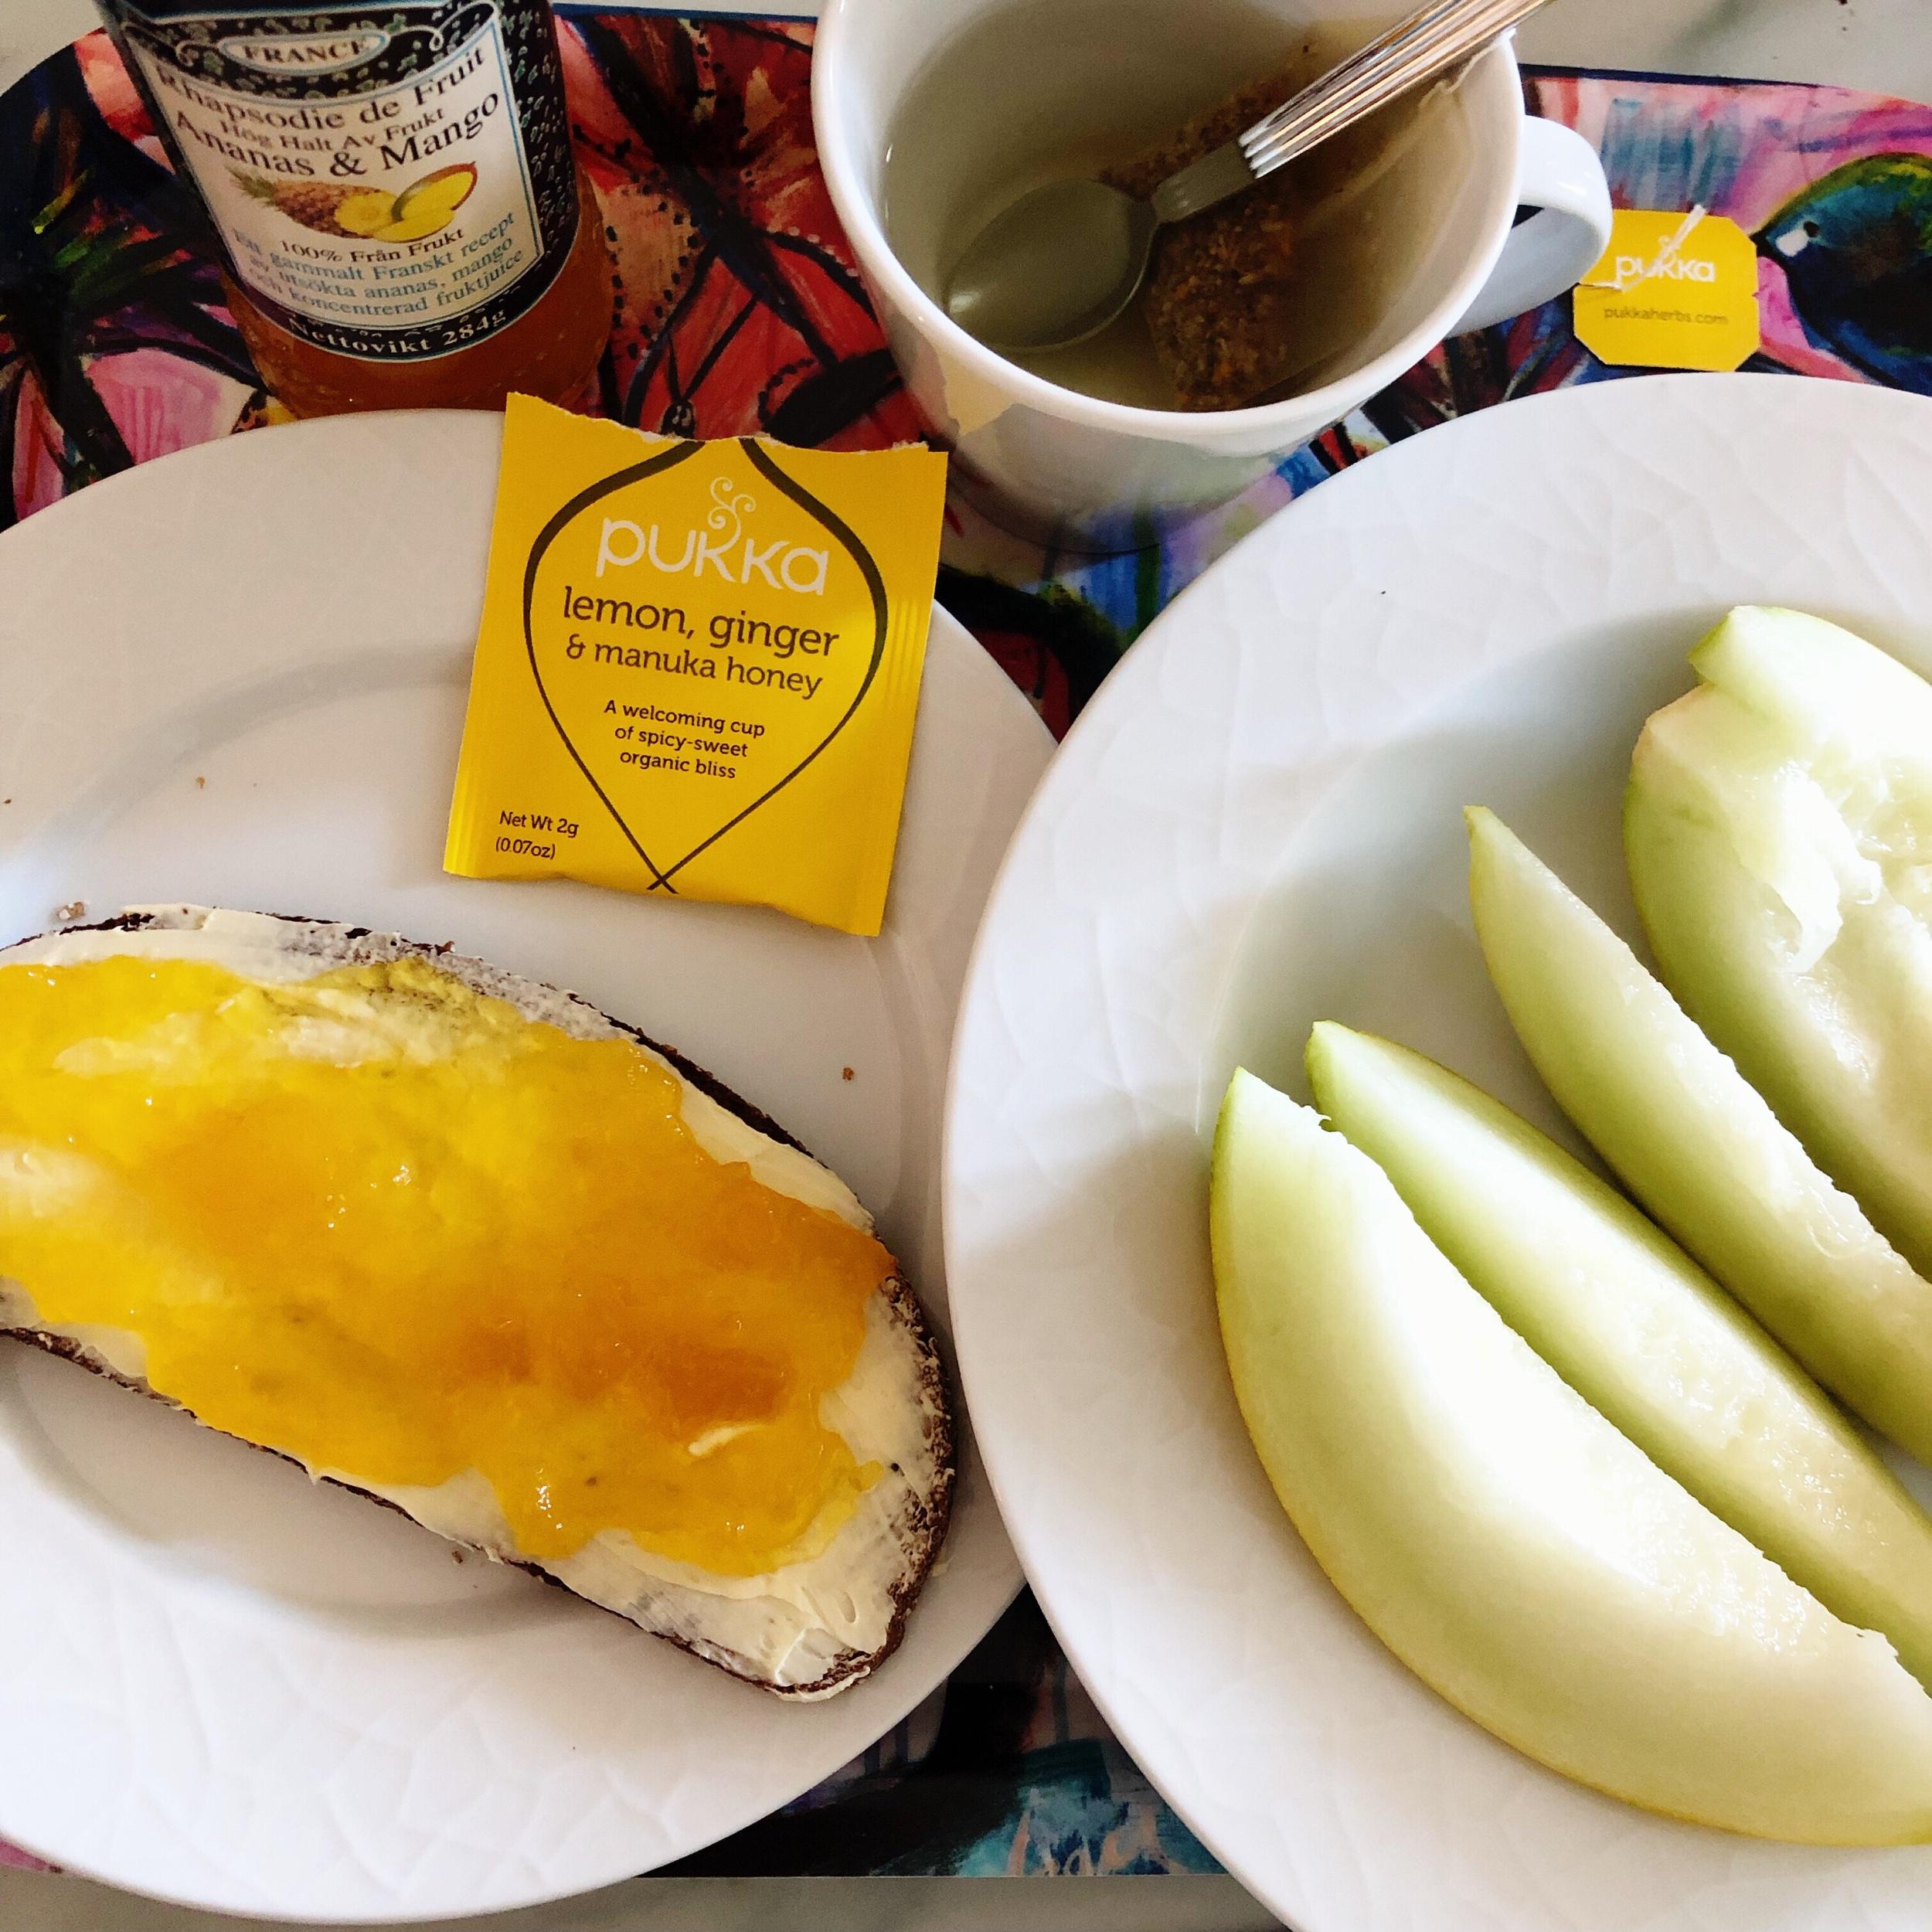 Lingongrova med mjölkfritt smör, ananas- och mangomarmelad, honungsmelon och Pukka te. 👌🏼